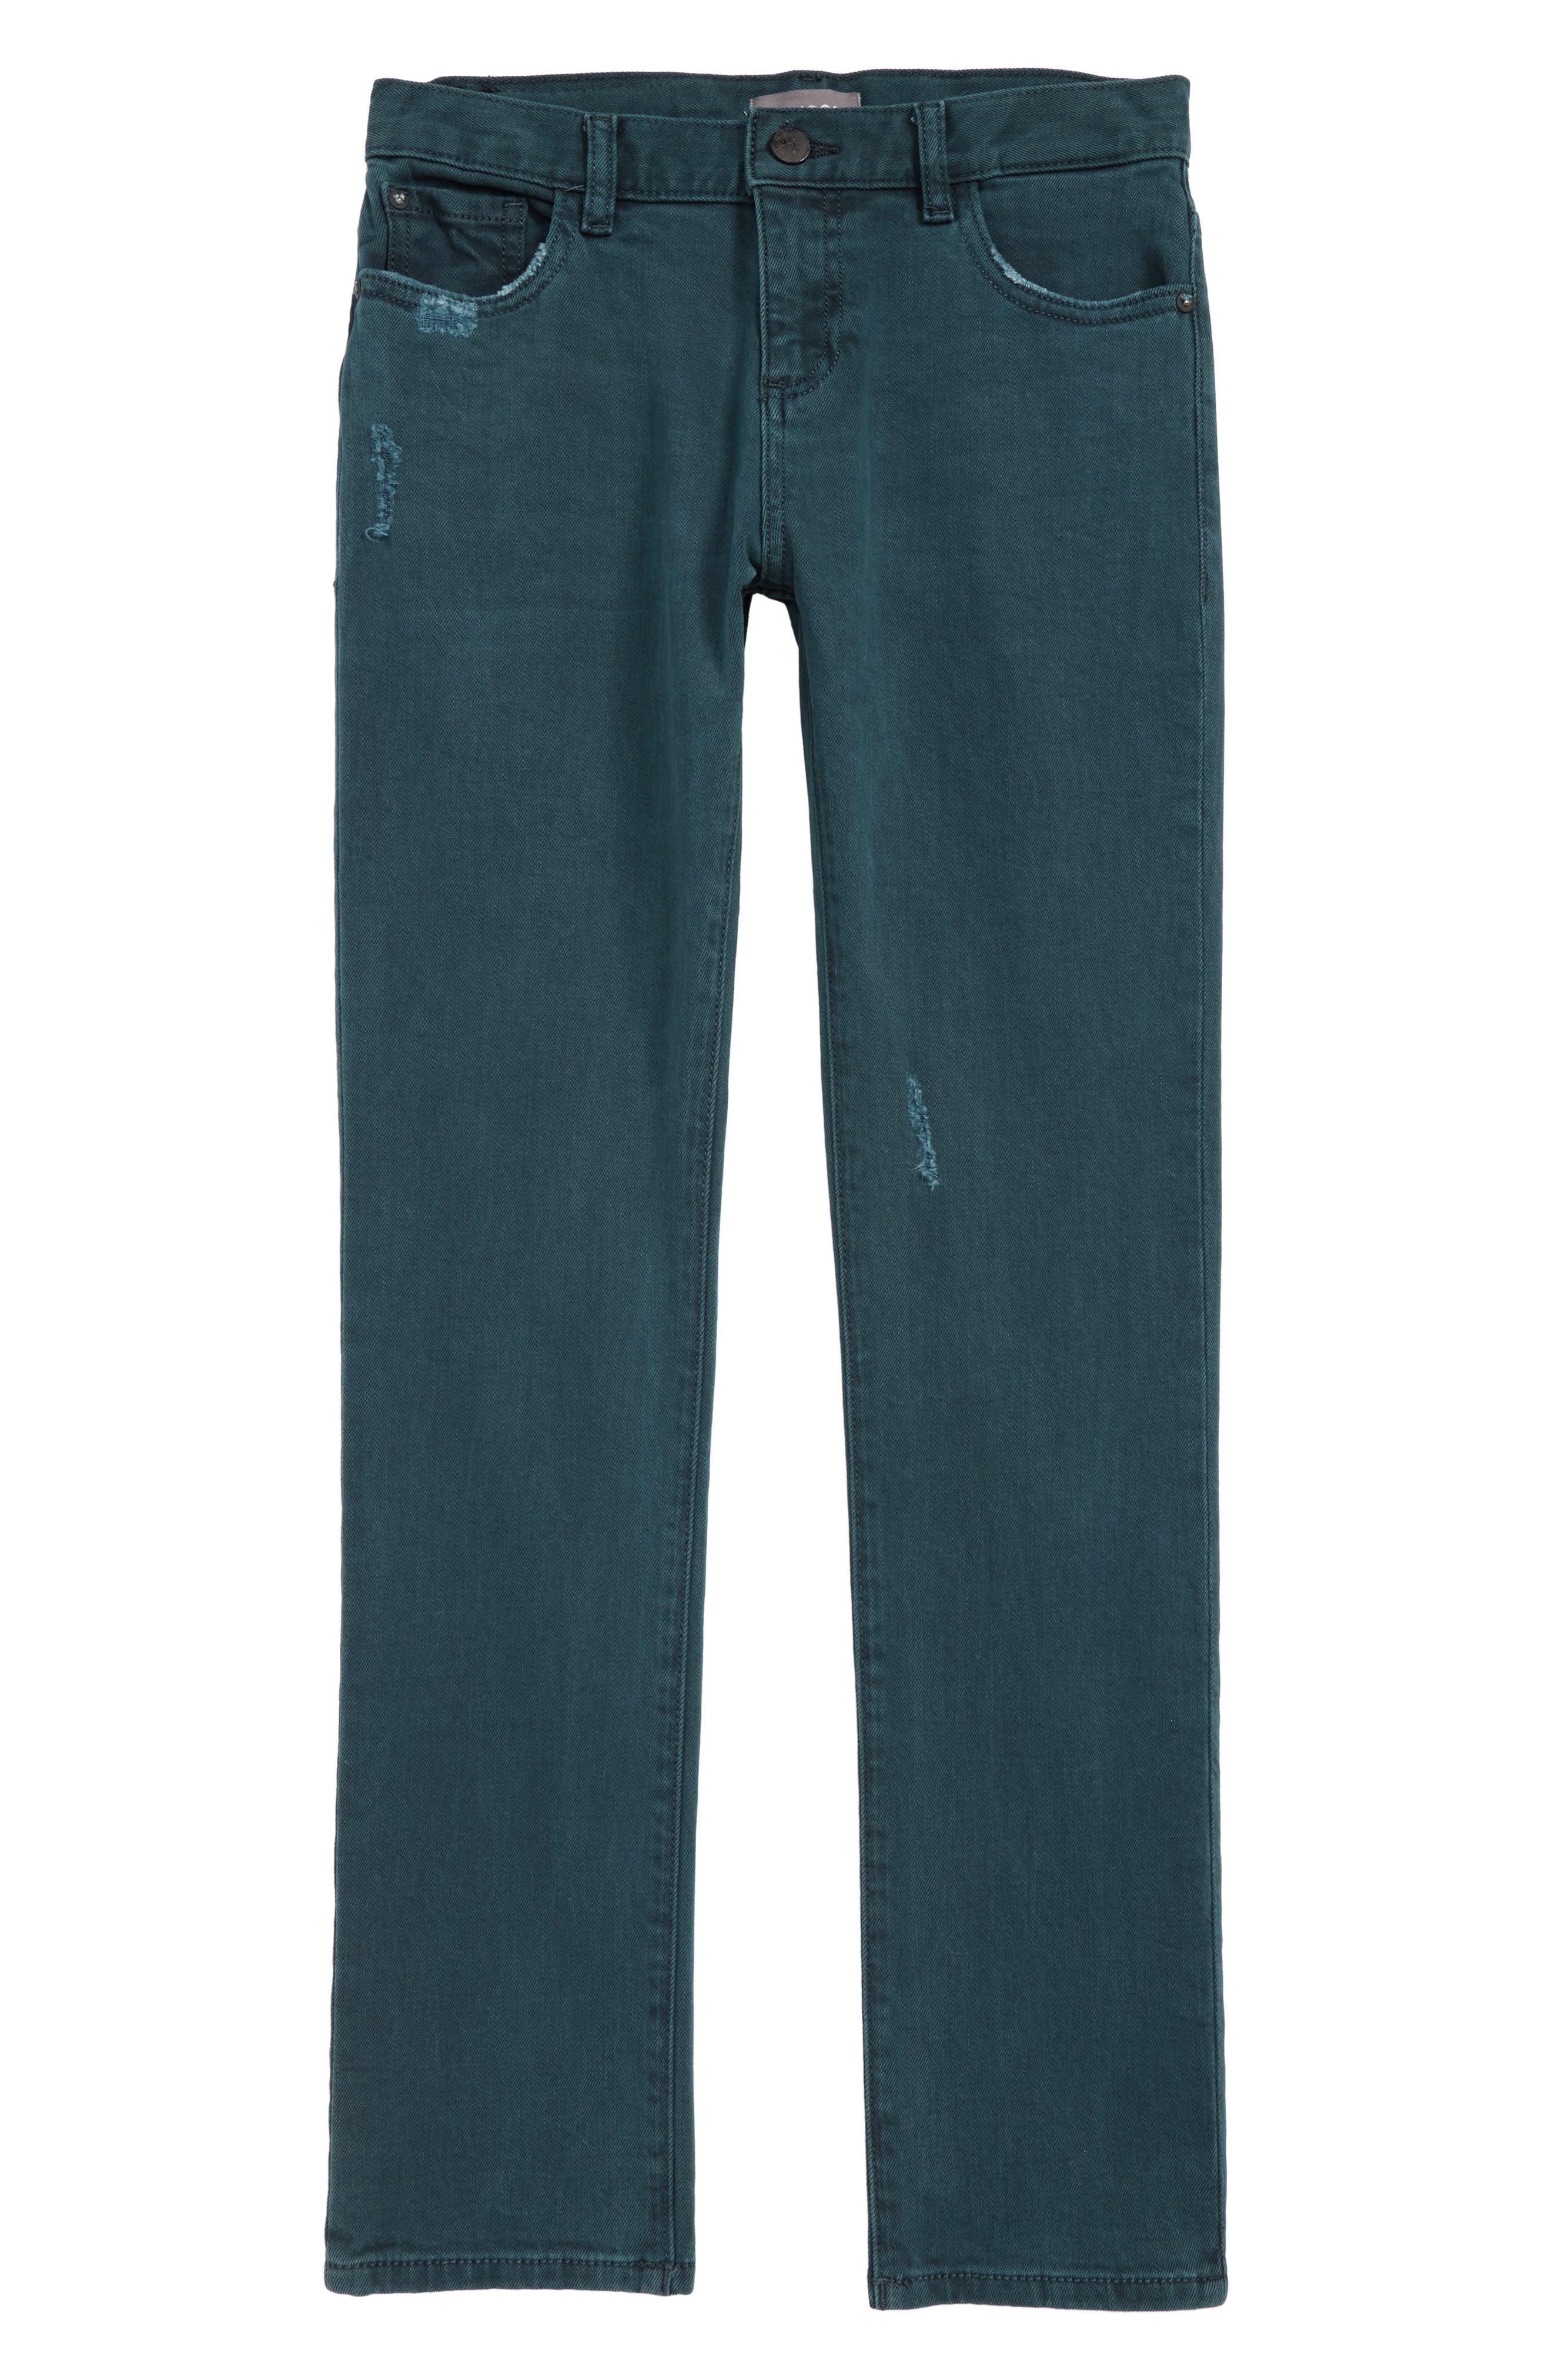 Hawke Skinny Jeans,                             Main thumbnail 1, color,                             BRUH